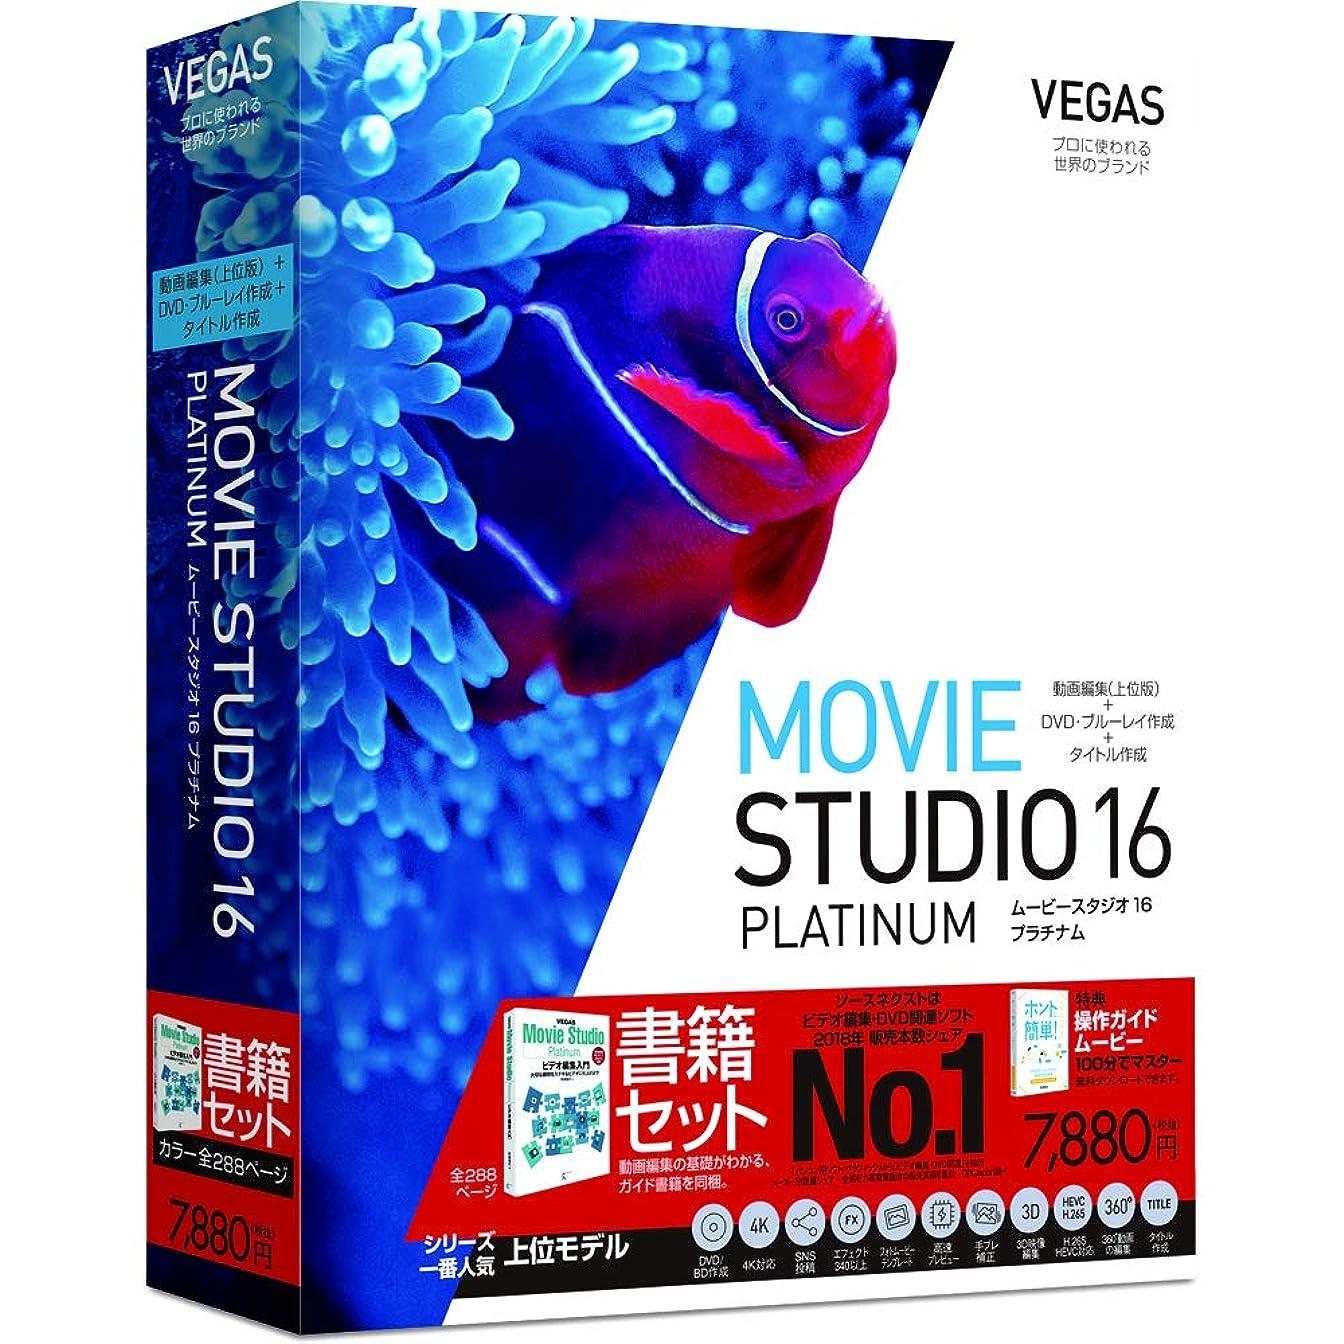 感覚恐怖掘るVEGAS Movie Studio 16 Platinumガイドブック版(最新) Win対応